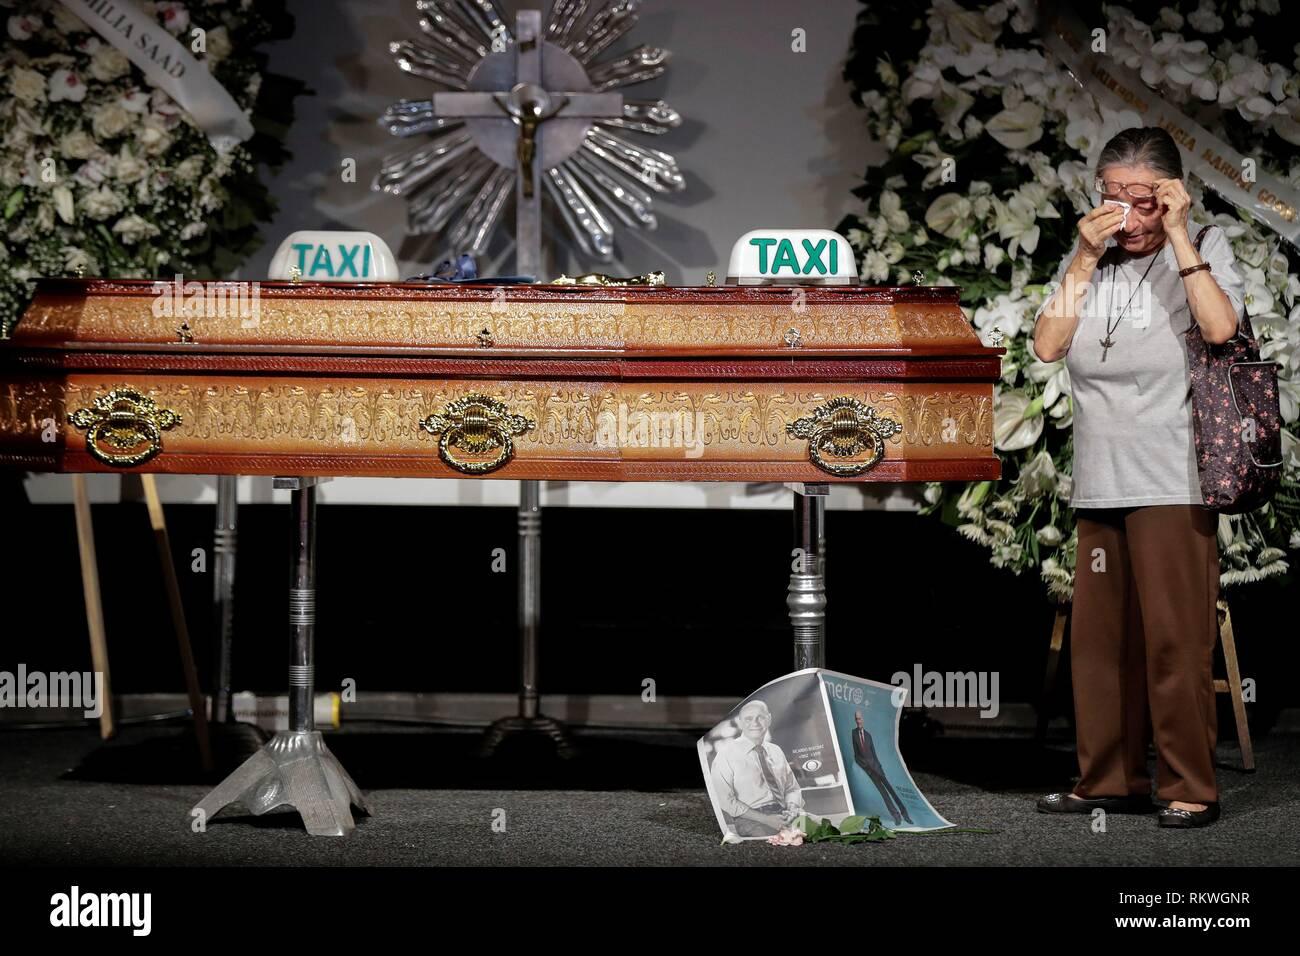 Sao Paulo, Brésil. 12 Février, 2019. Une femme pleure à côté du cercueil de la célèbre journaliste et présentateur de télévision brésilien Ricardo Boechat, durant son service, au Musée de l'image et du son (MIS) de la ville de Sao Paulo, Brésil, 12 février 2019. Boechat a été l'une des deux victimes de l'accident d'hélicoptère le lundi à Sao Paulo. Credit: Sebastiao Moreira/EFE/Alamy Live News Photo Stock